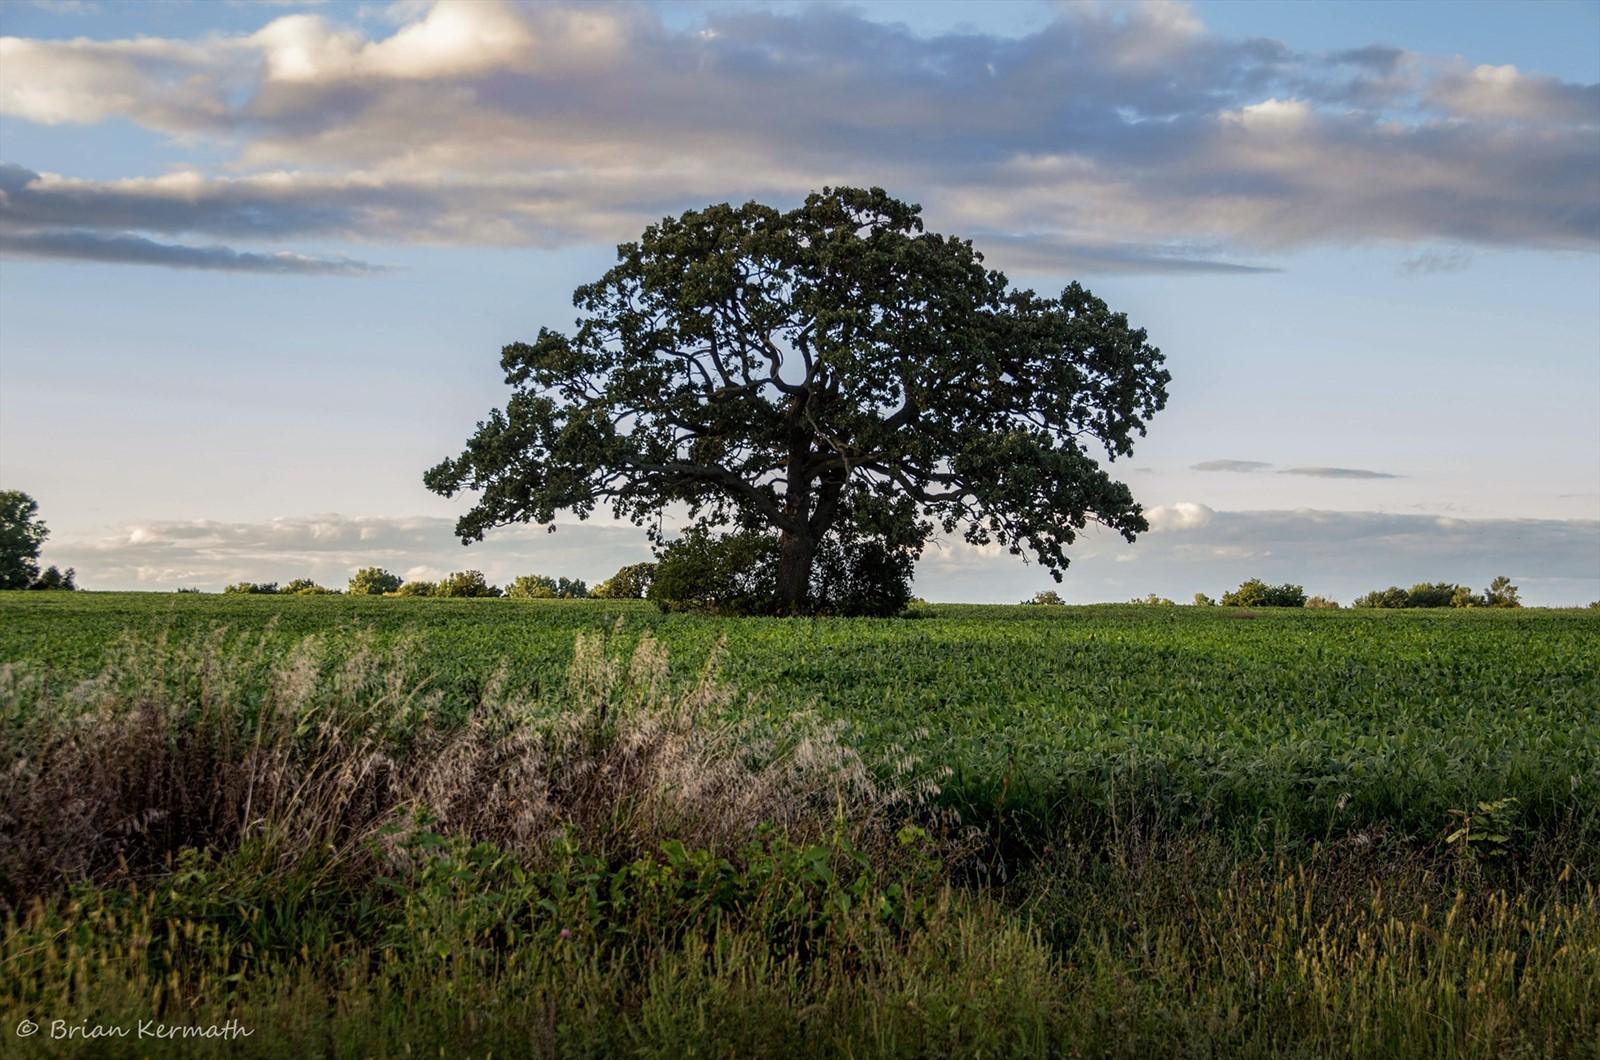 Masterly A Large Bur Oak Tree Macrocarpa Fagaceae Burr Oak Tree Bark Burr Oak Tree Mcbaine Mo Captured Farm Field houzz-03 Burr Oak Tree